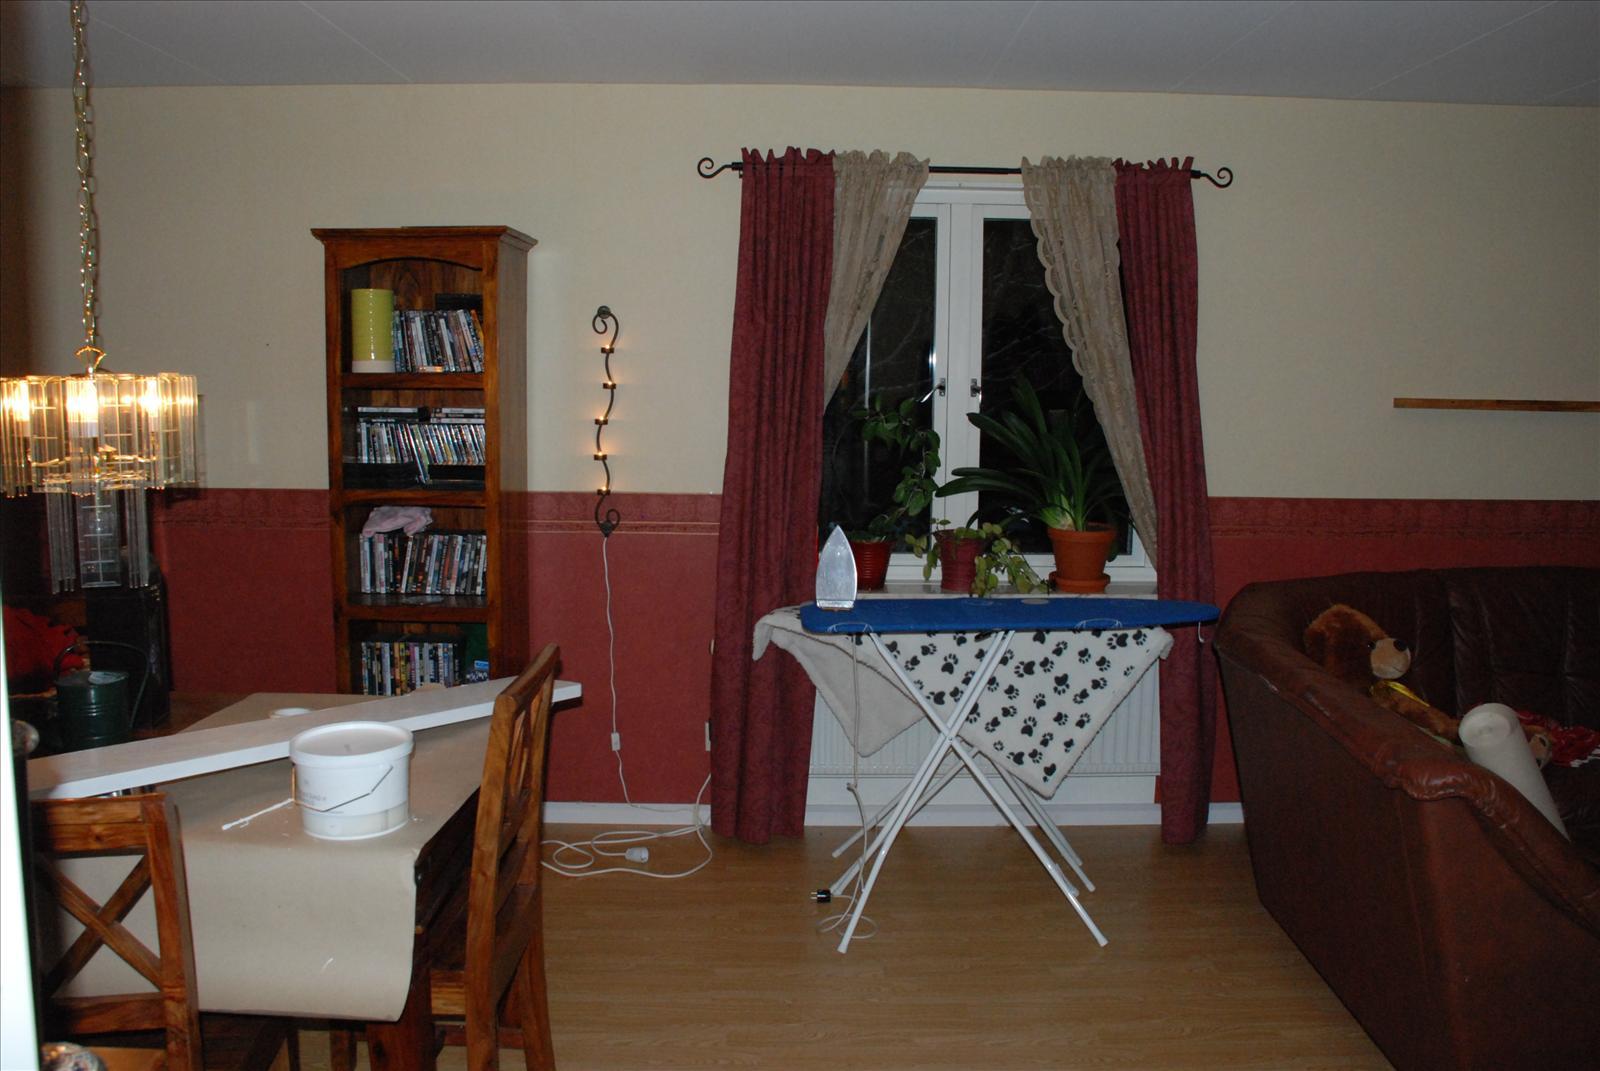 Vårat tråkiga vardagsrum   inredning och design   hemmet ifokus